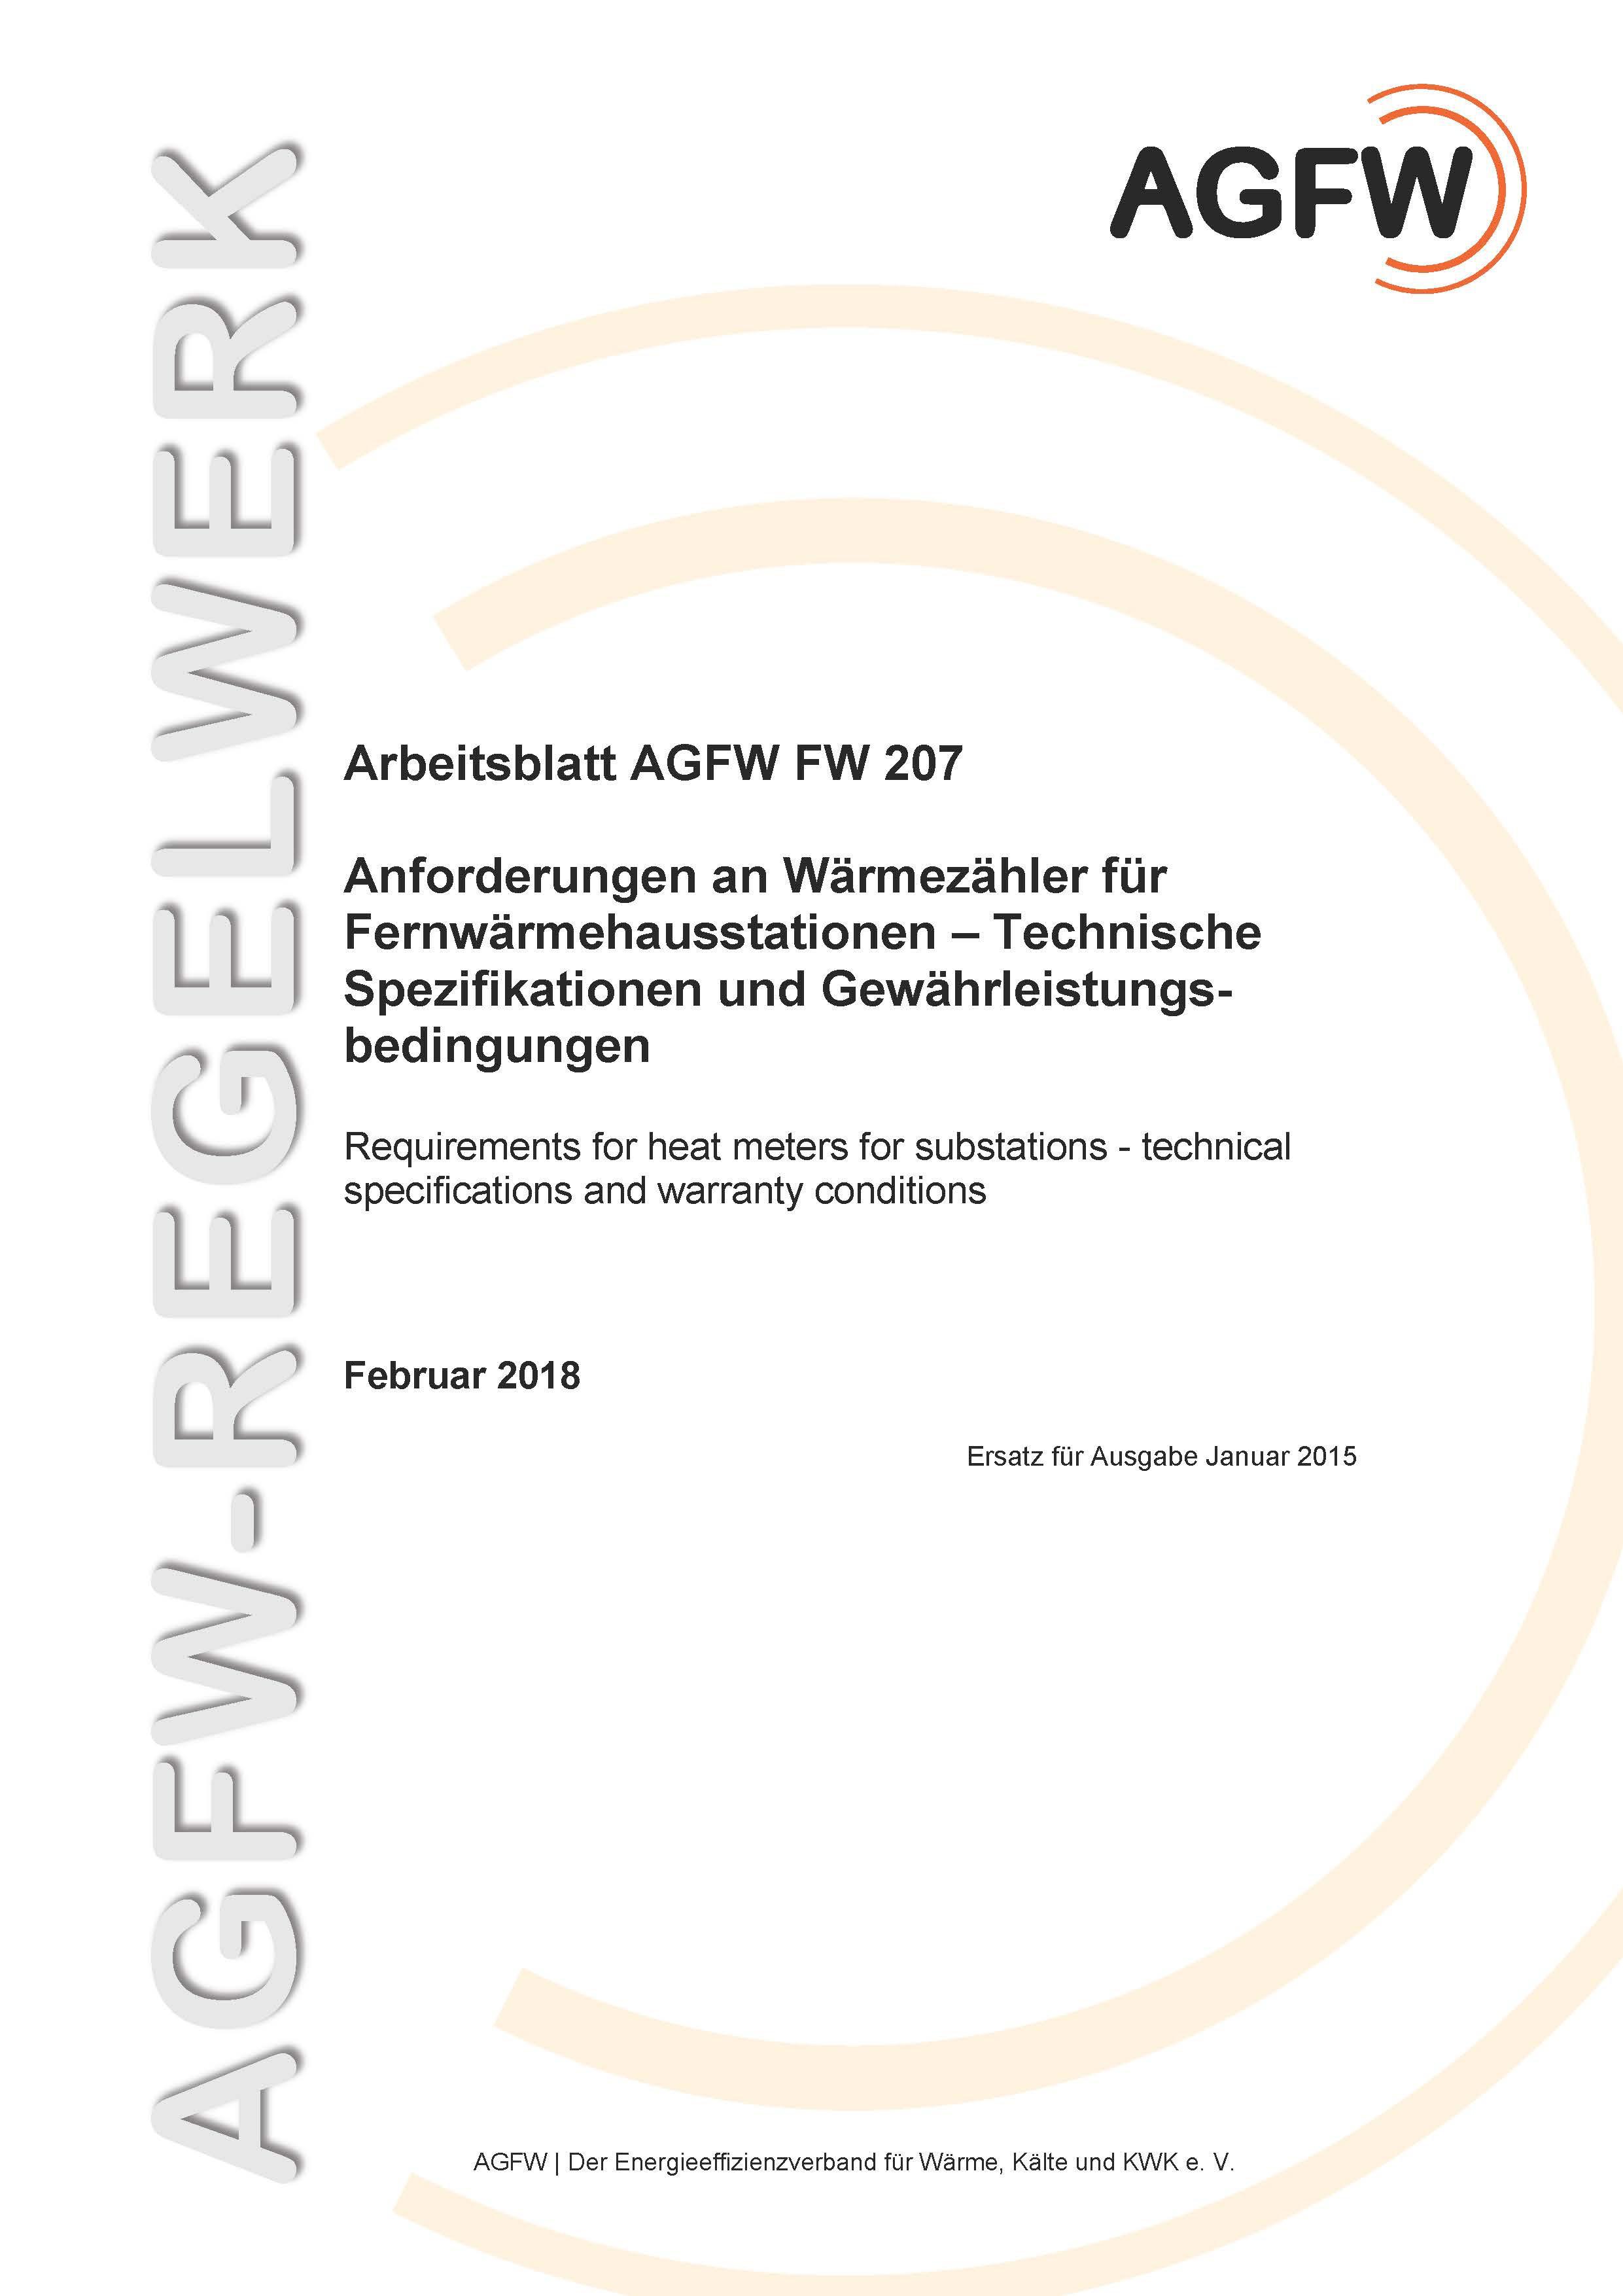 FW 207 - Anforderungen an Wärmezähler für Fernwärmehausstationen ...